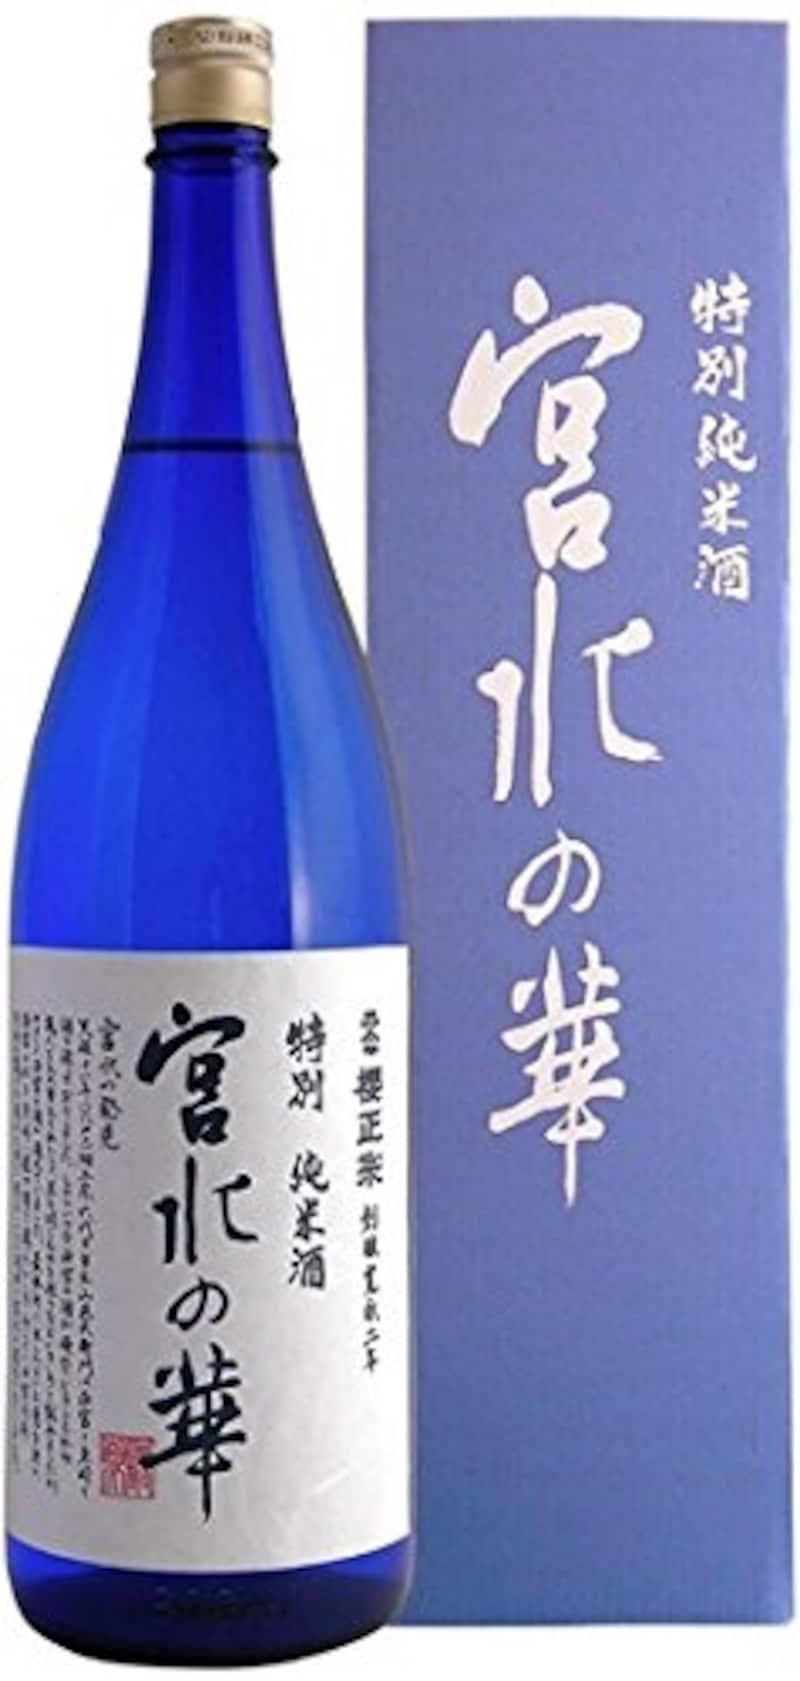 櫻正宗 宮水の華 特別純米酒 瓶 1800ml